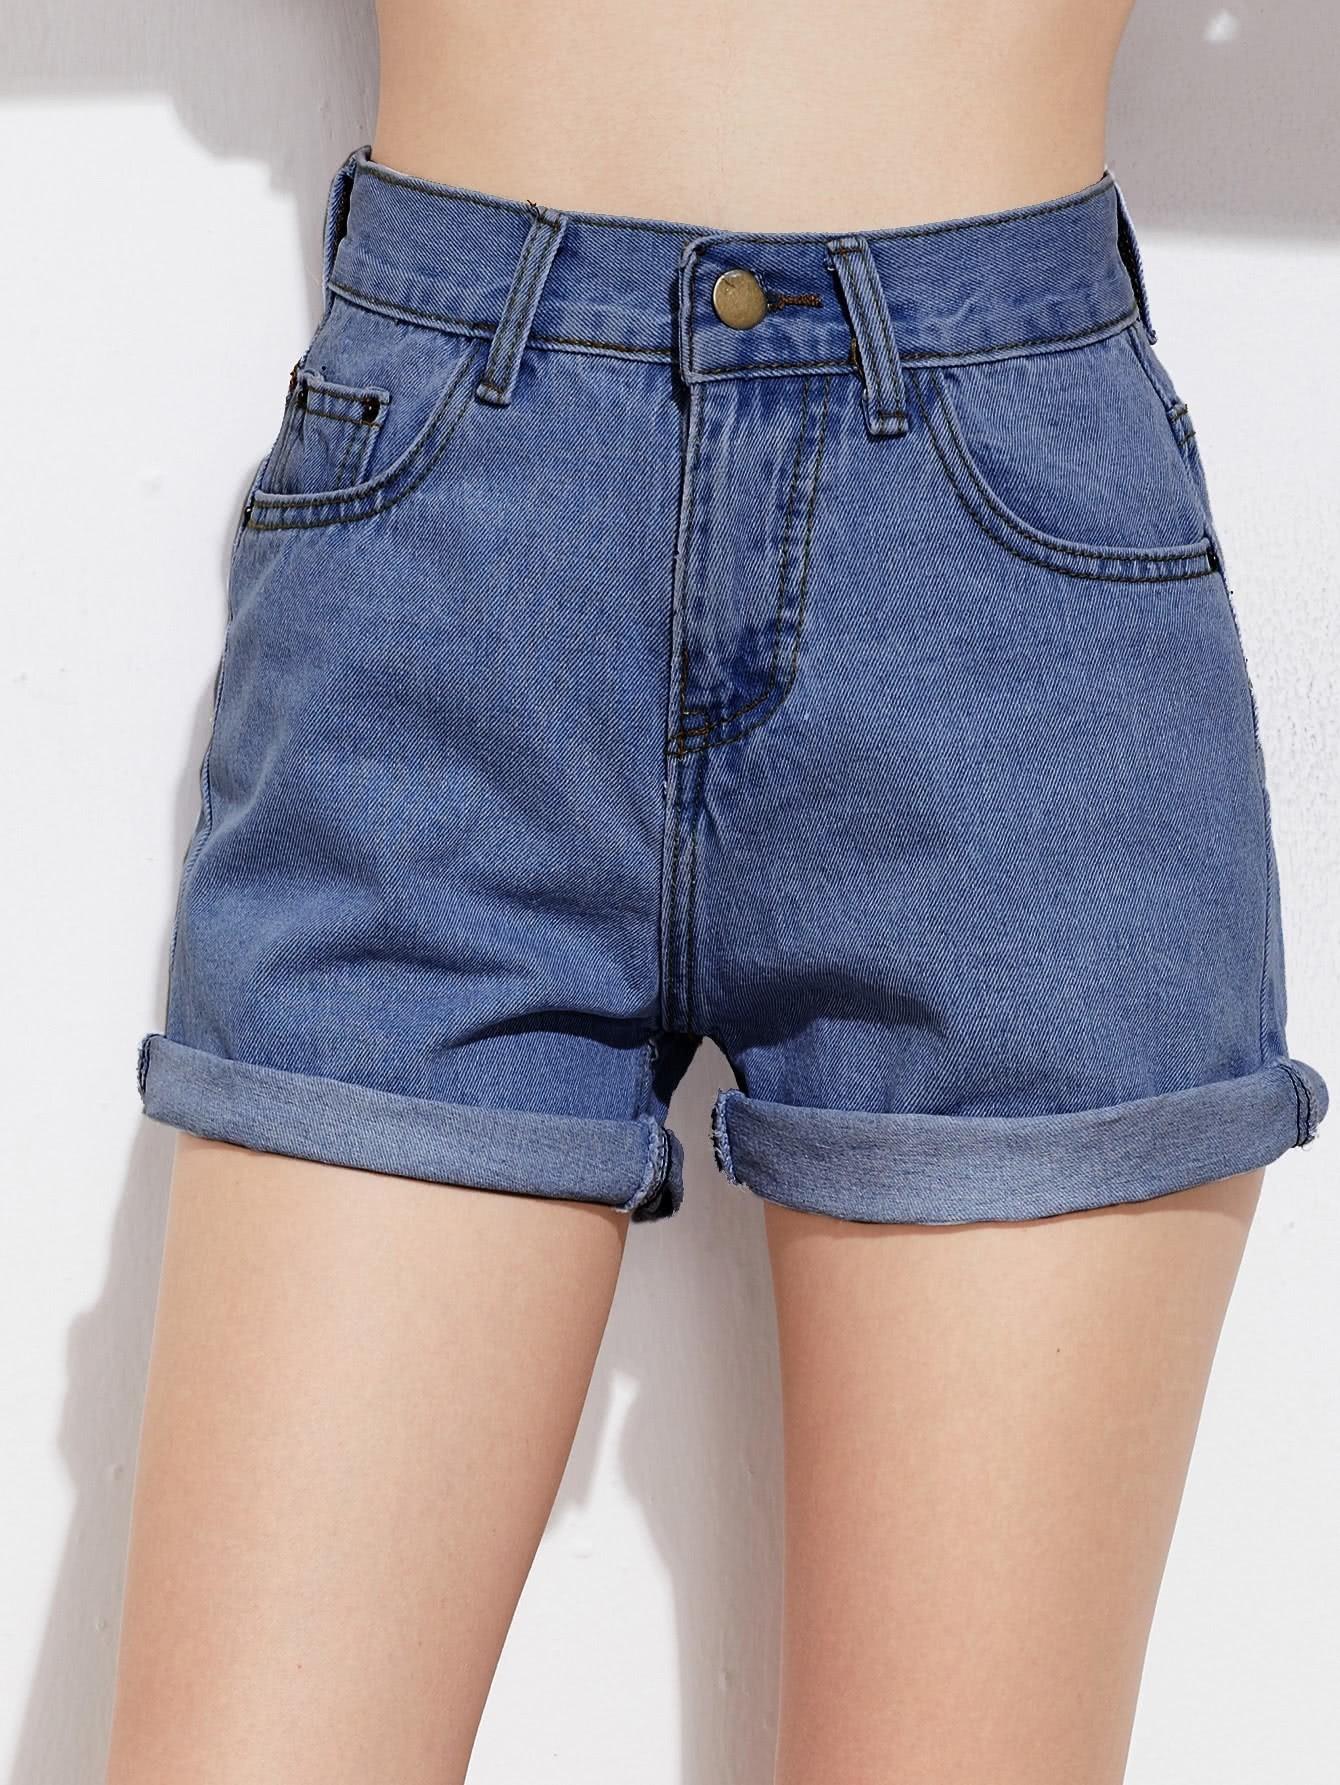 Rolled Cuffed Denim Shorts